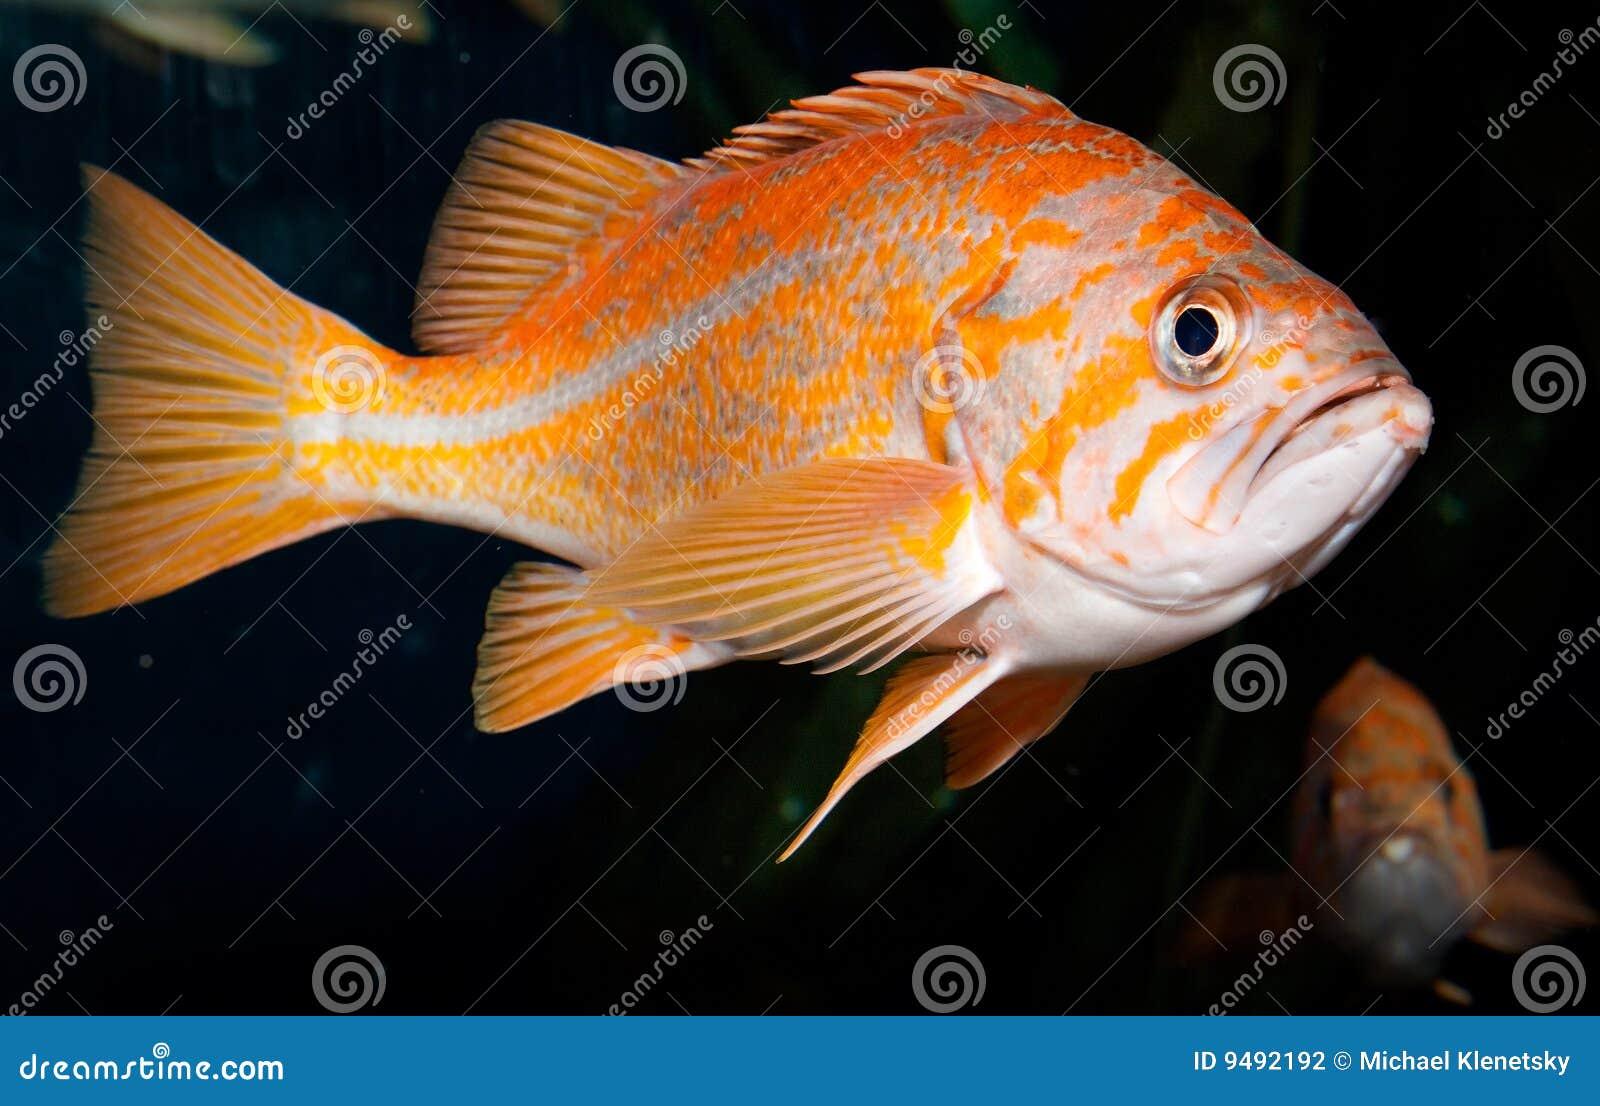 Orange saltwater fish